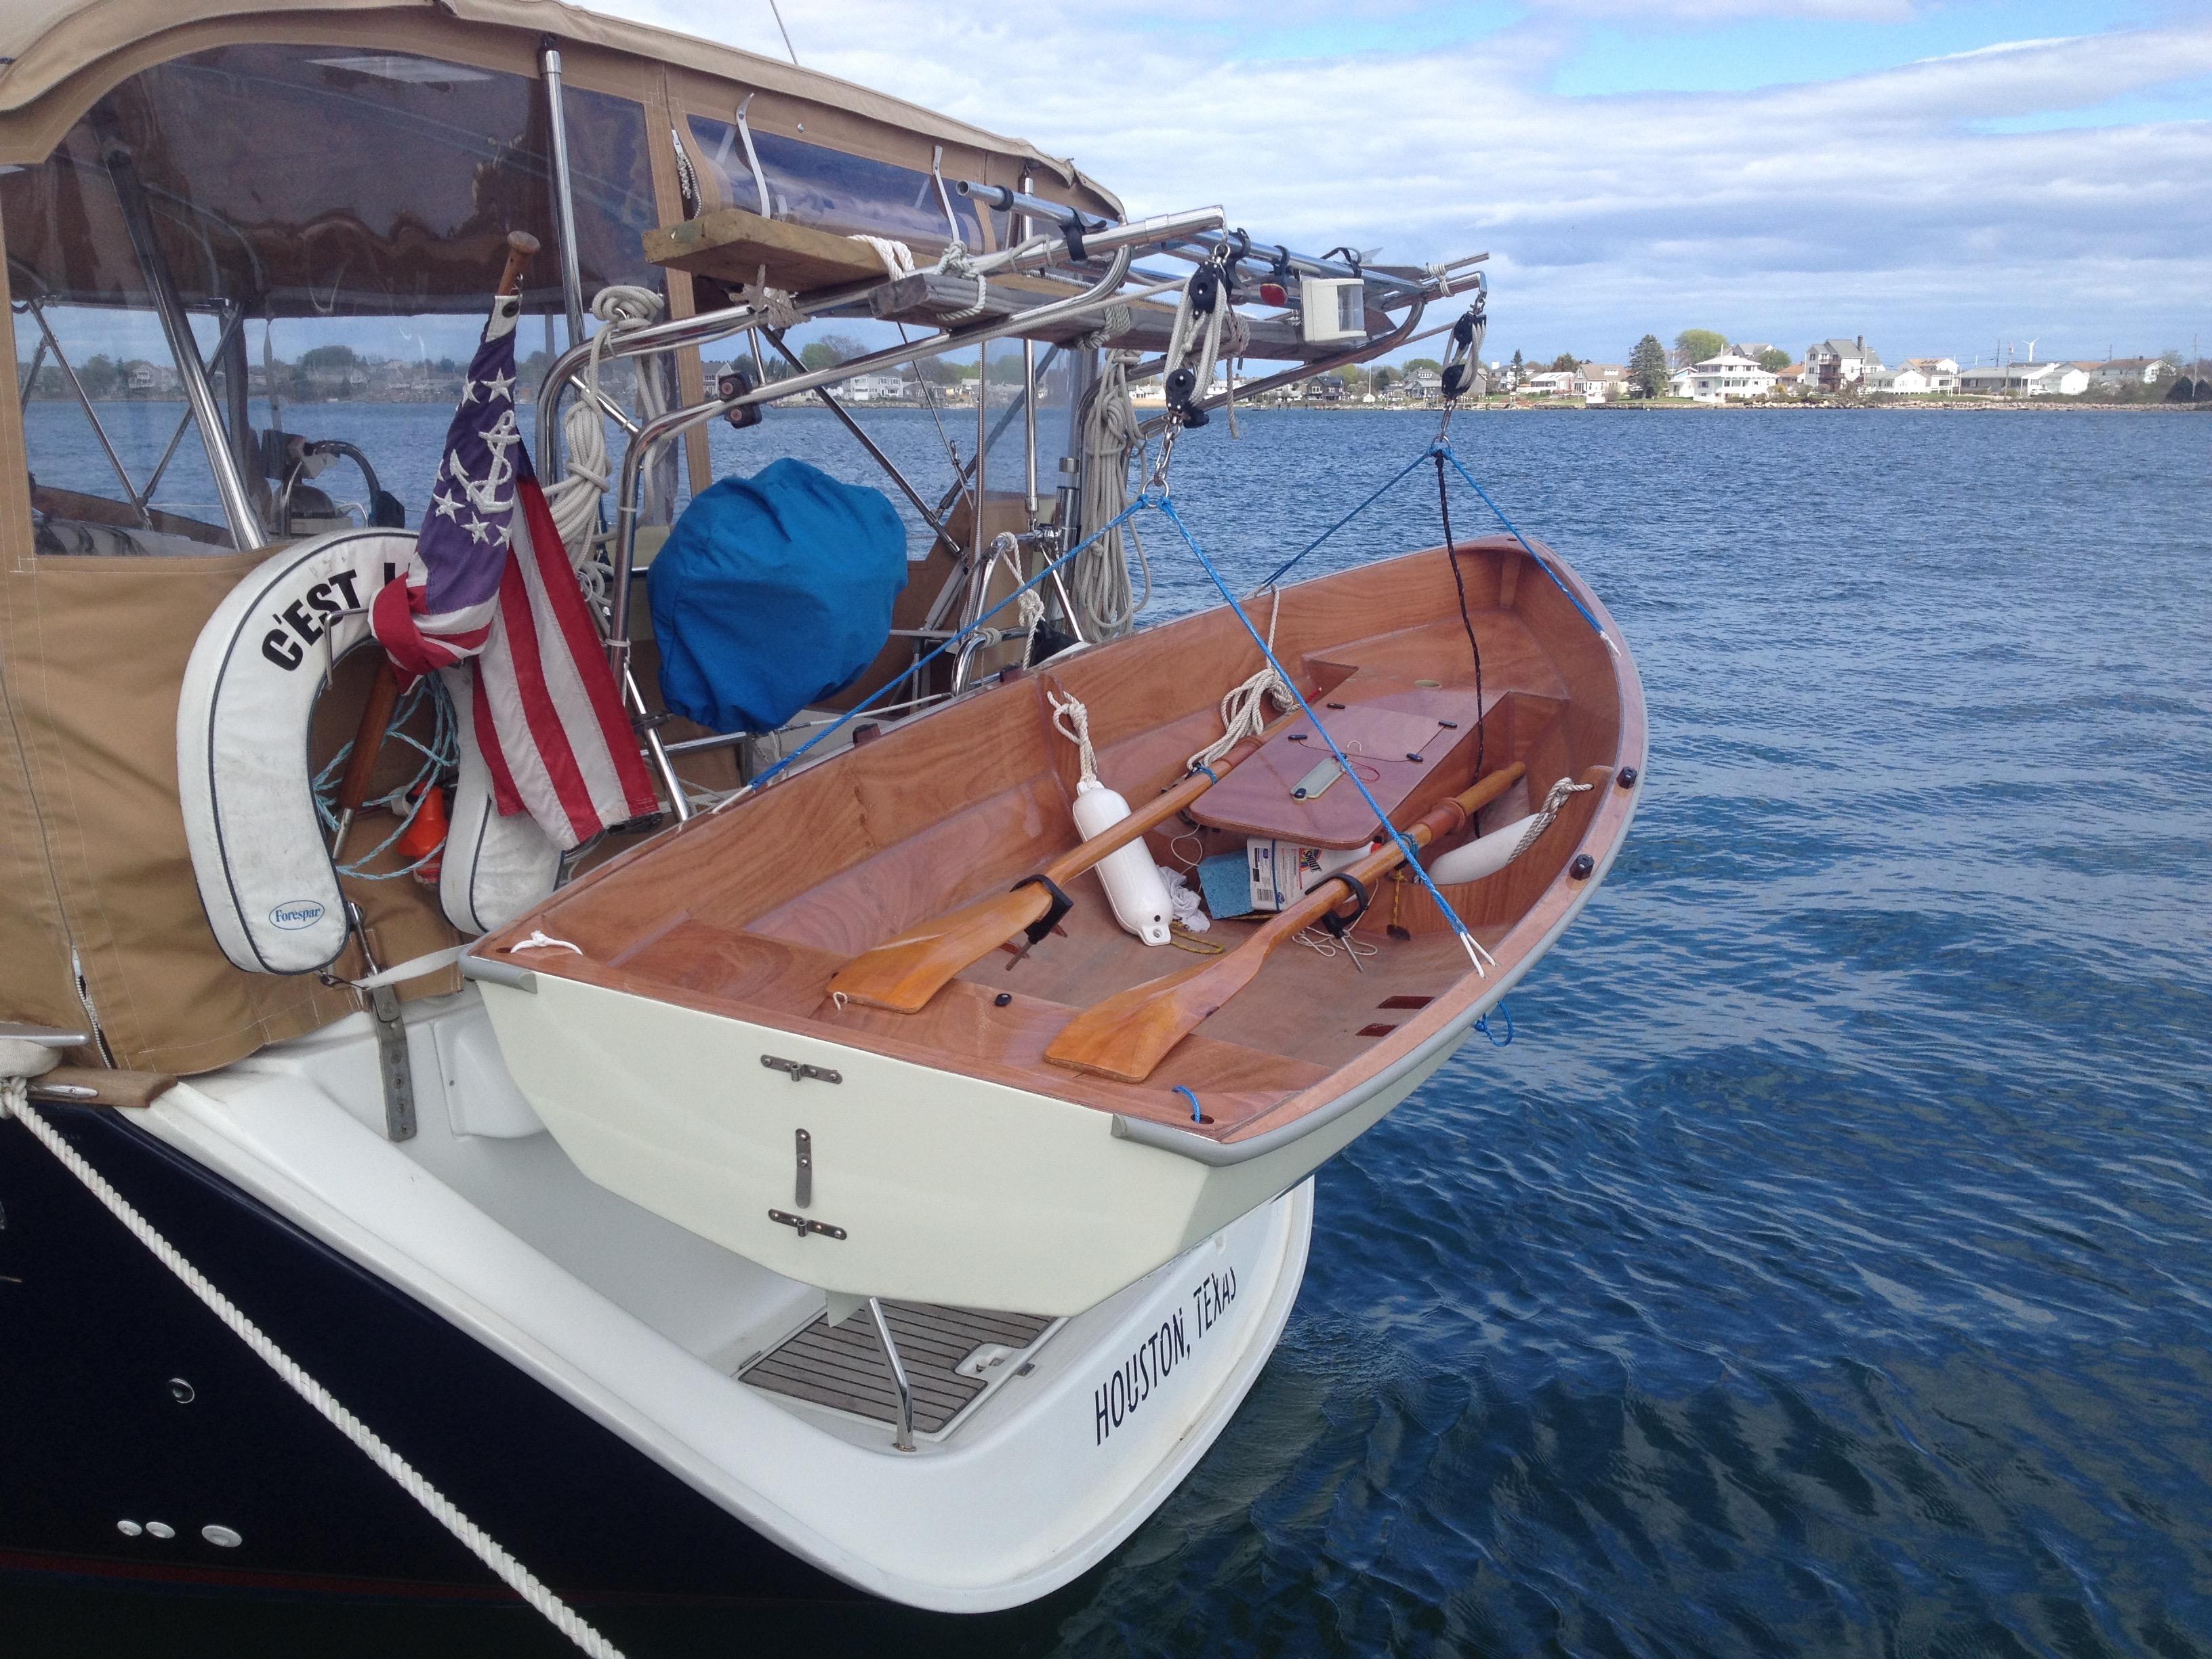 Port Townsend Watercraft BLOG